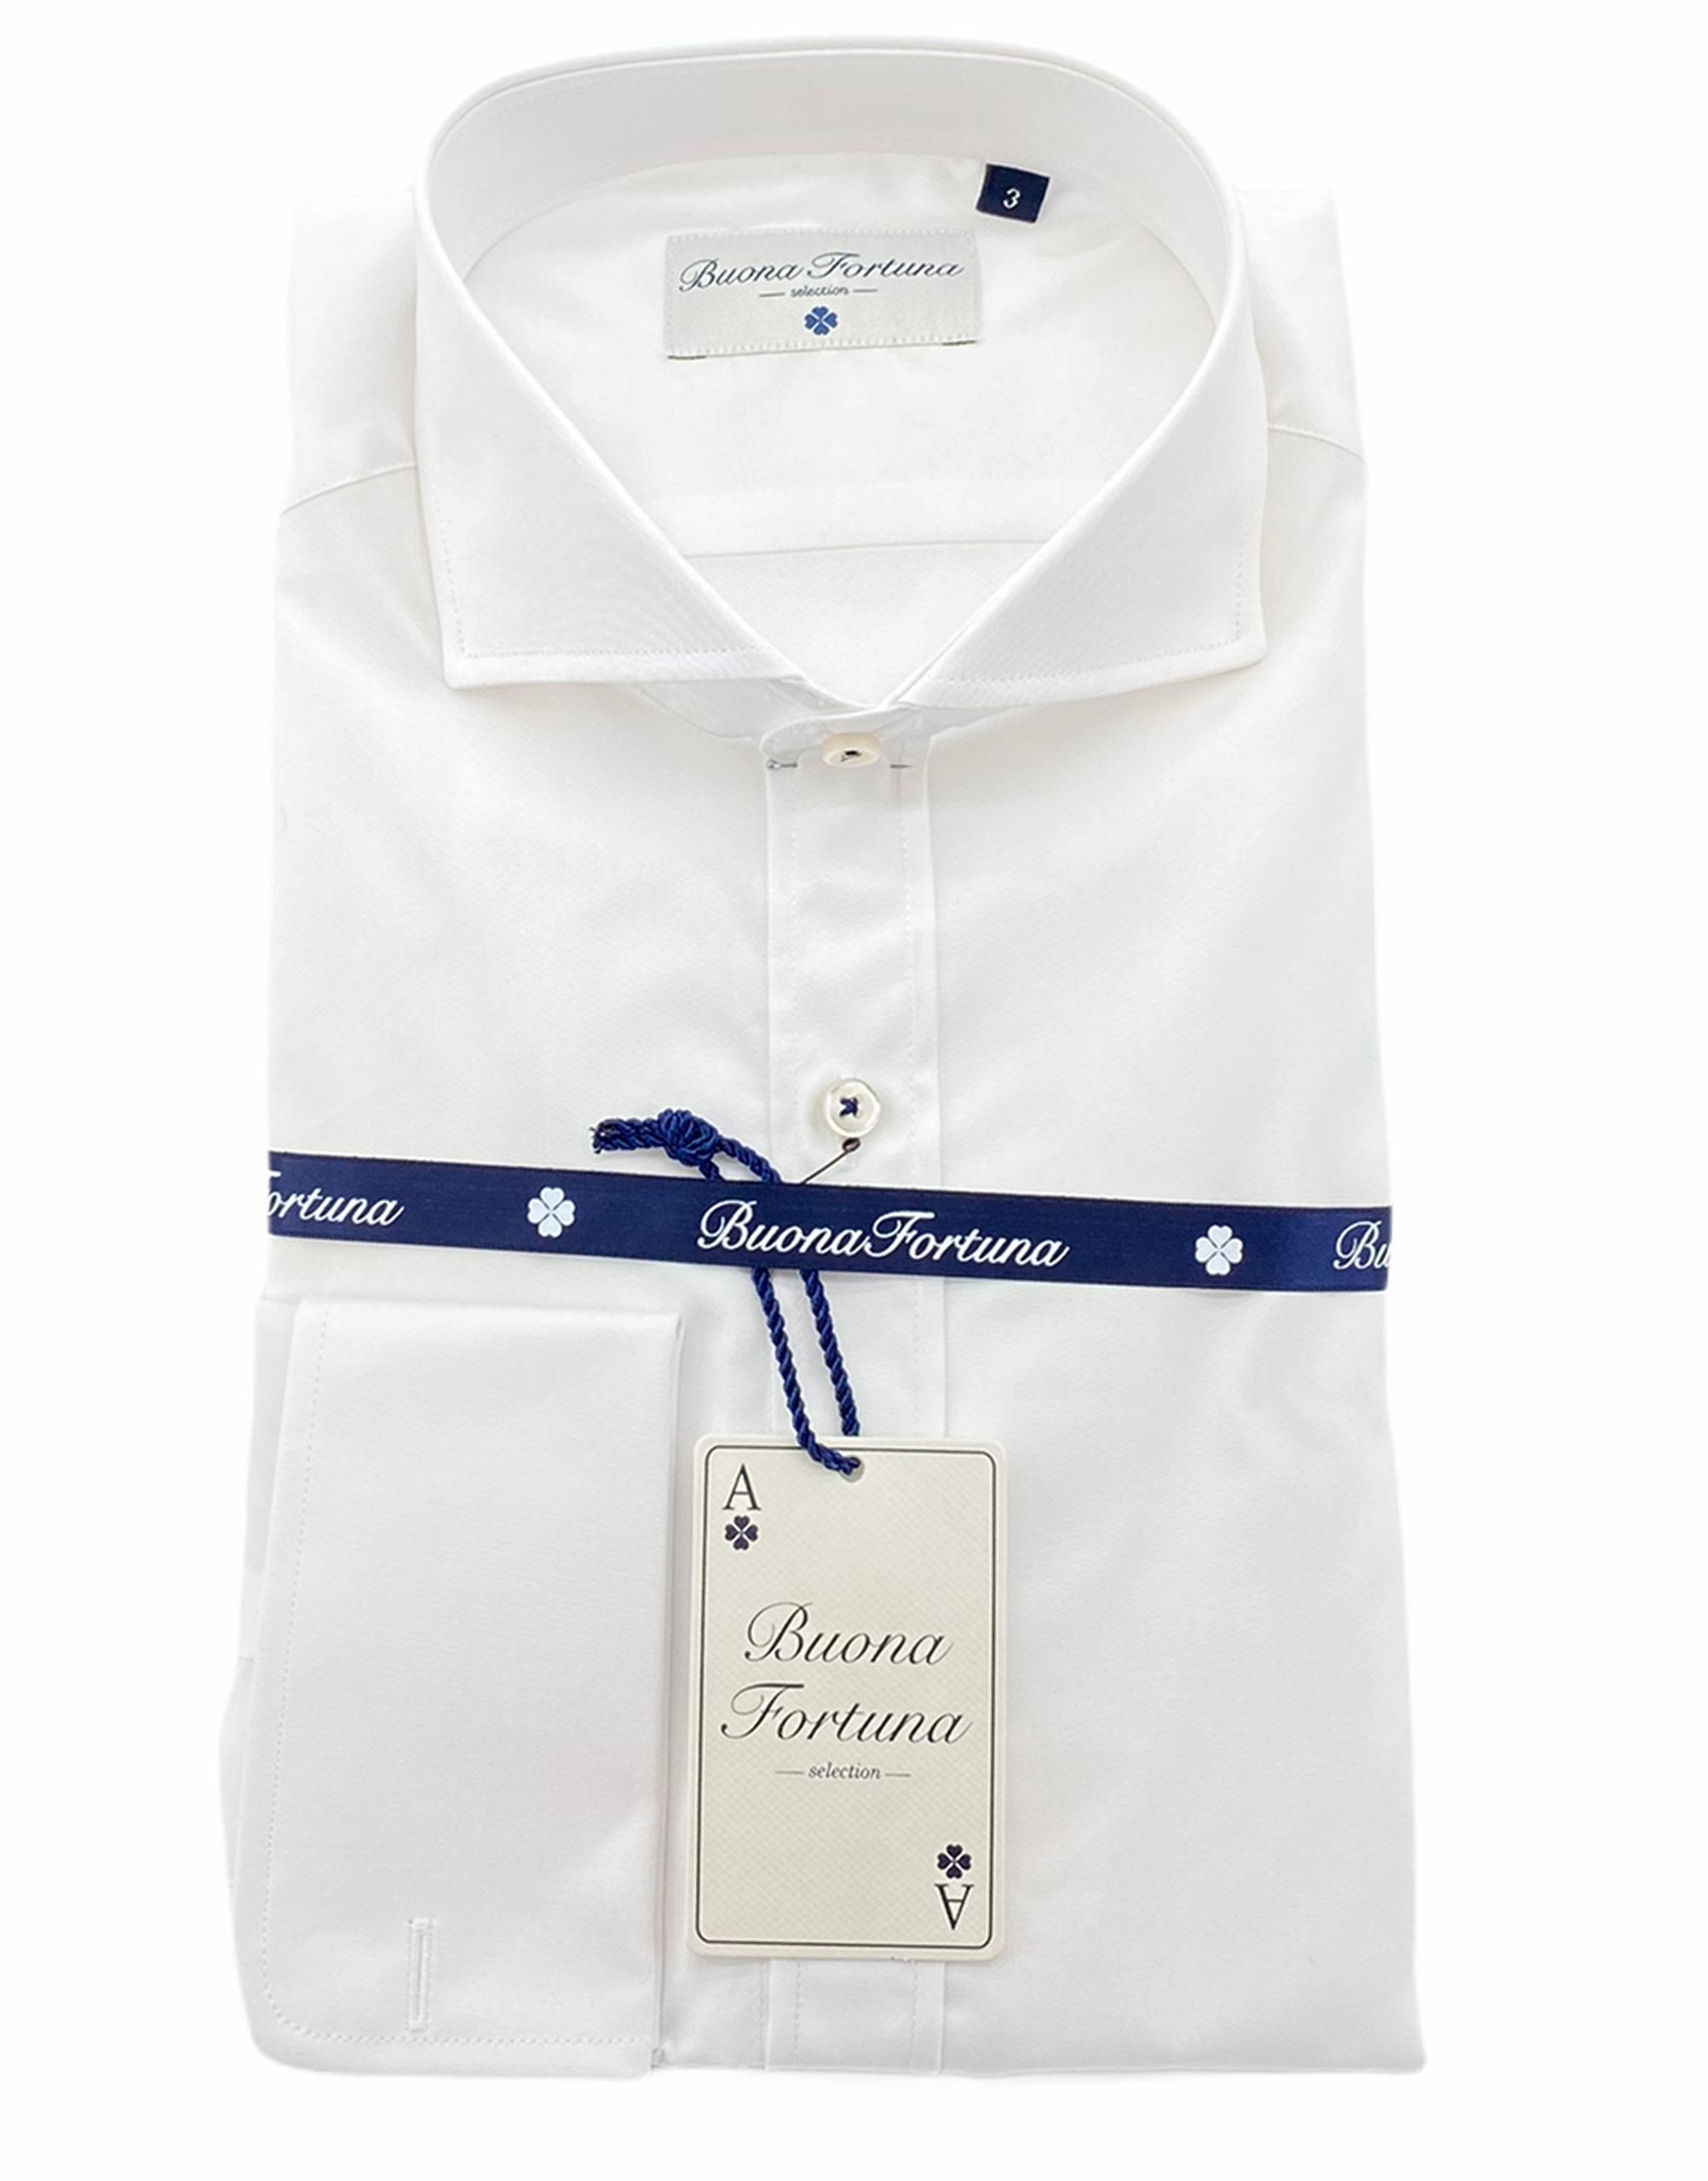 camisas buona fortuna comprar online camisas italianas exlusivas blanca popelin shop